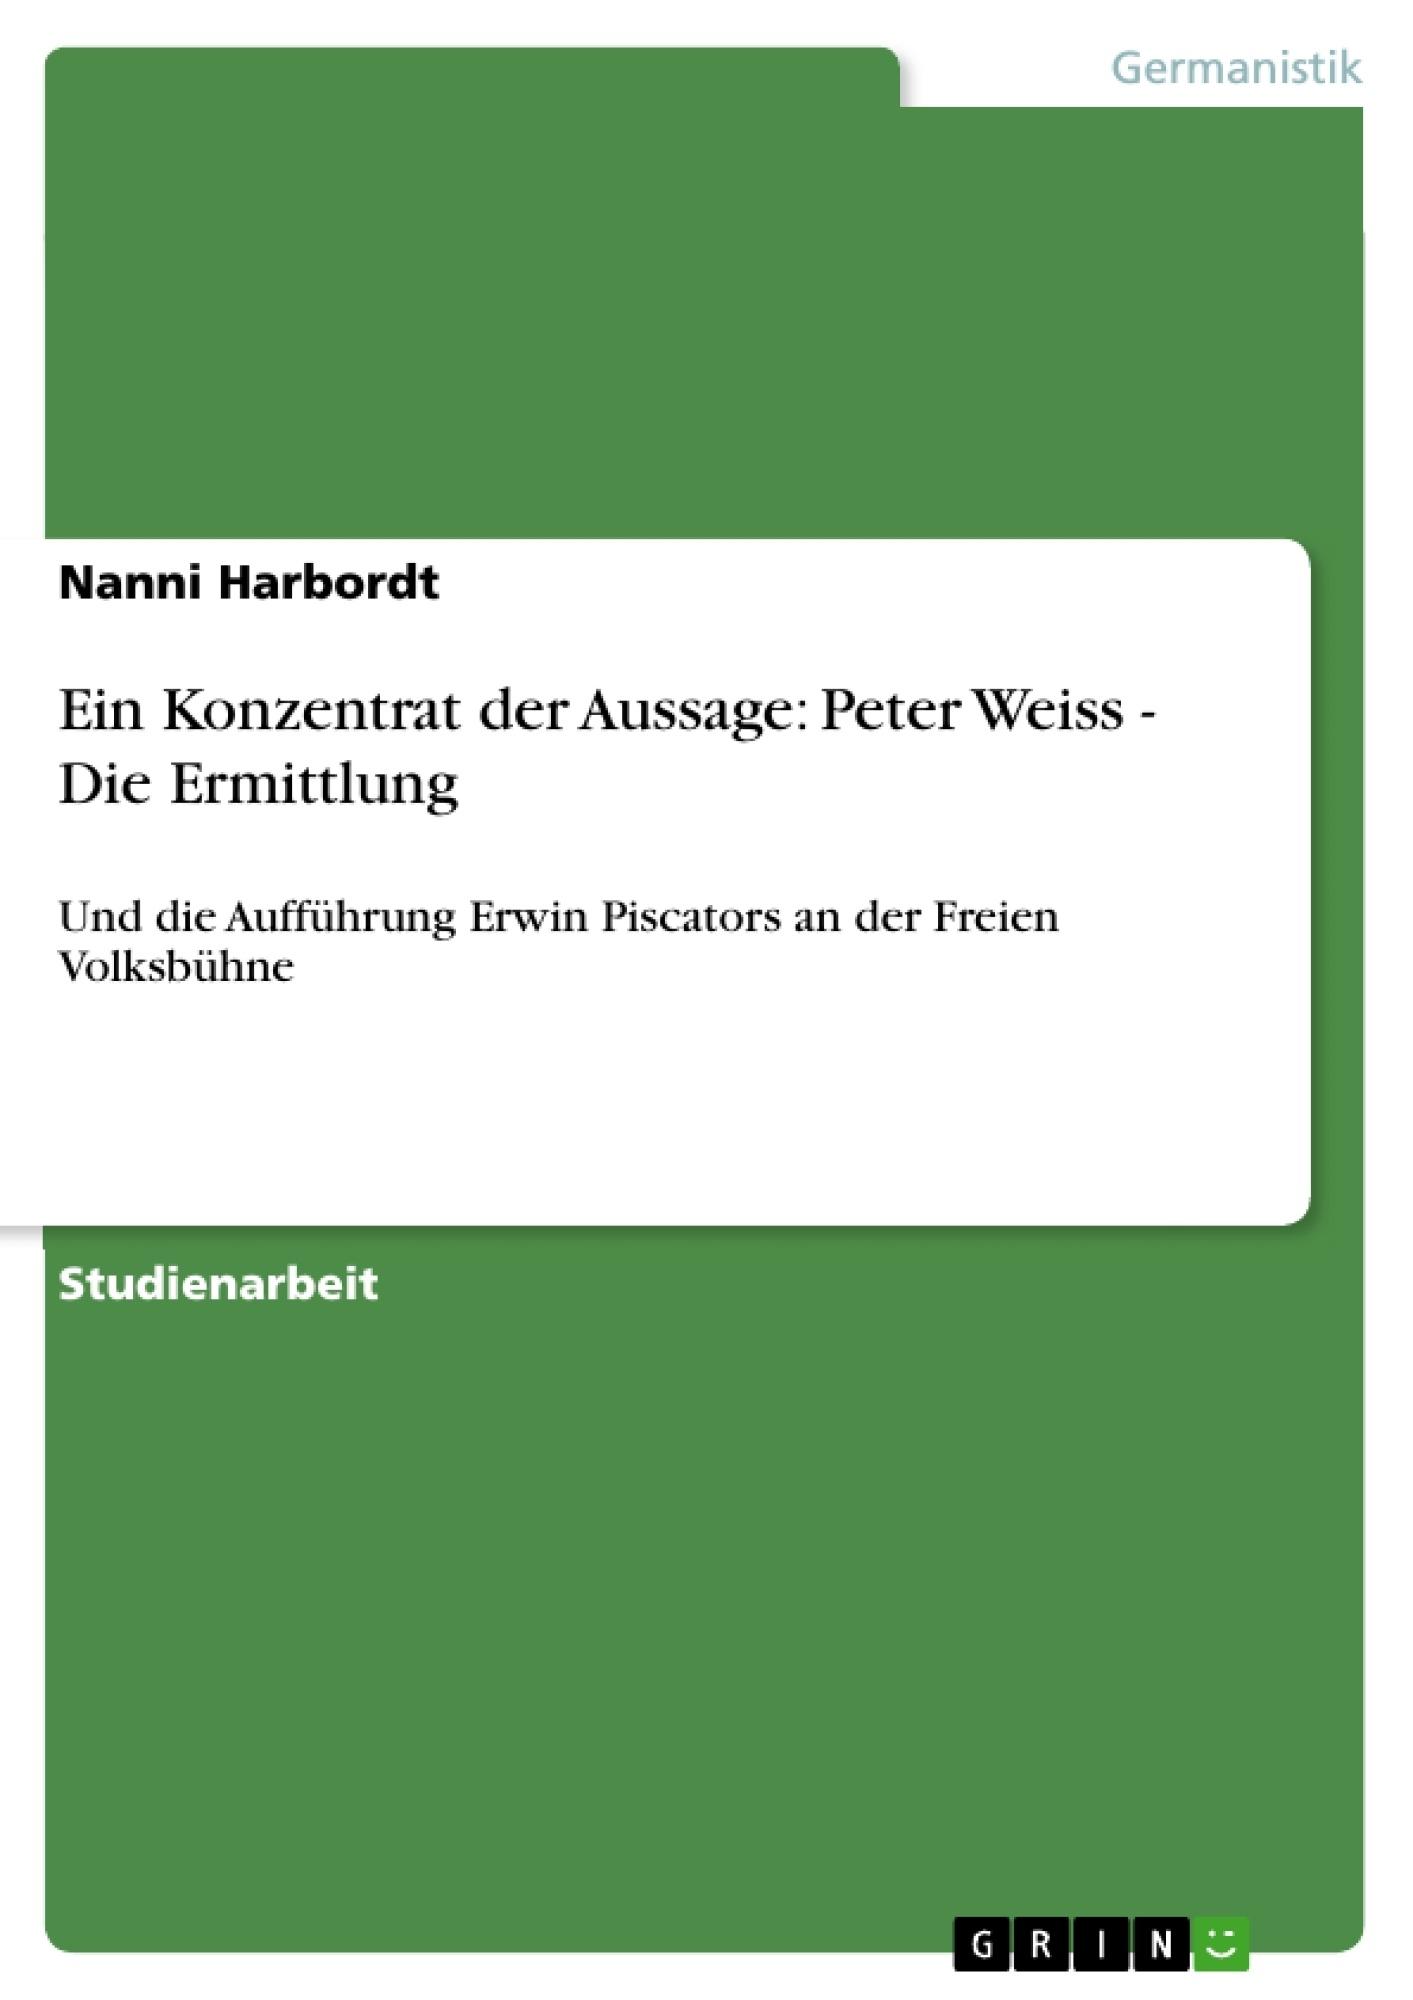 Titel: Ein Konzentrat der Aussage: Peter Weiss - Die Ermittlung